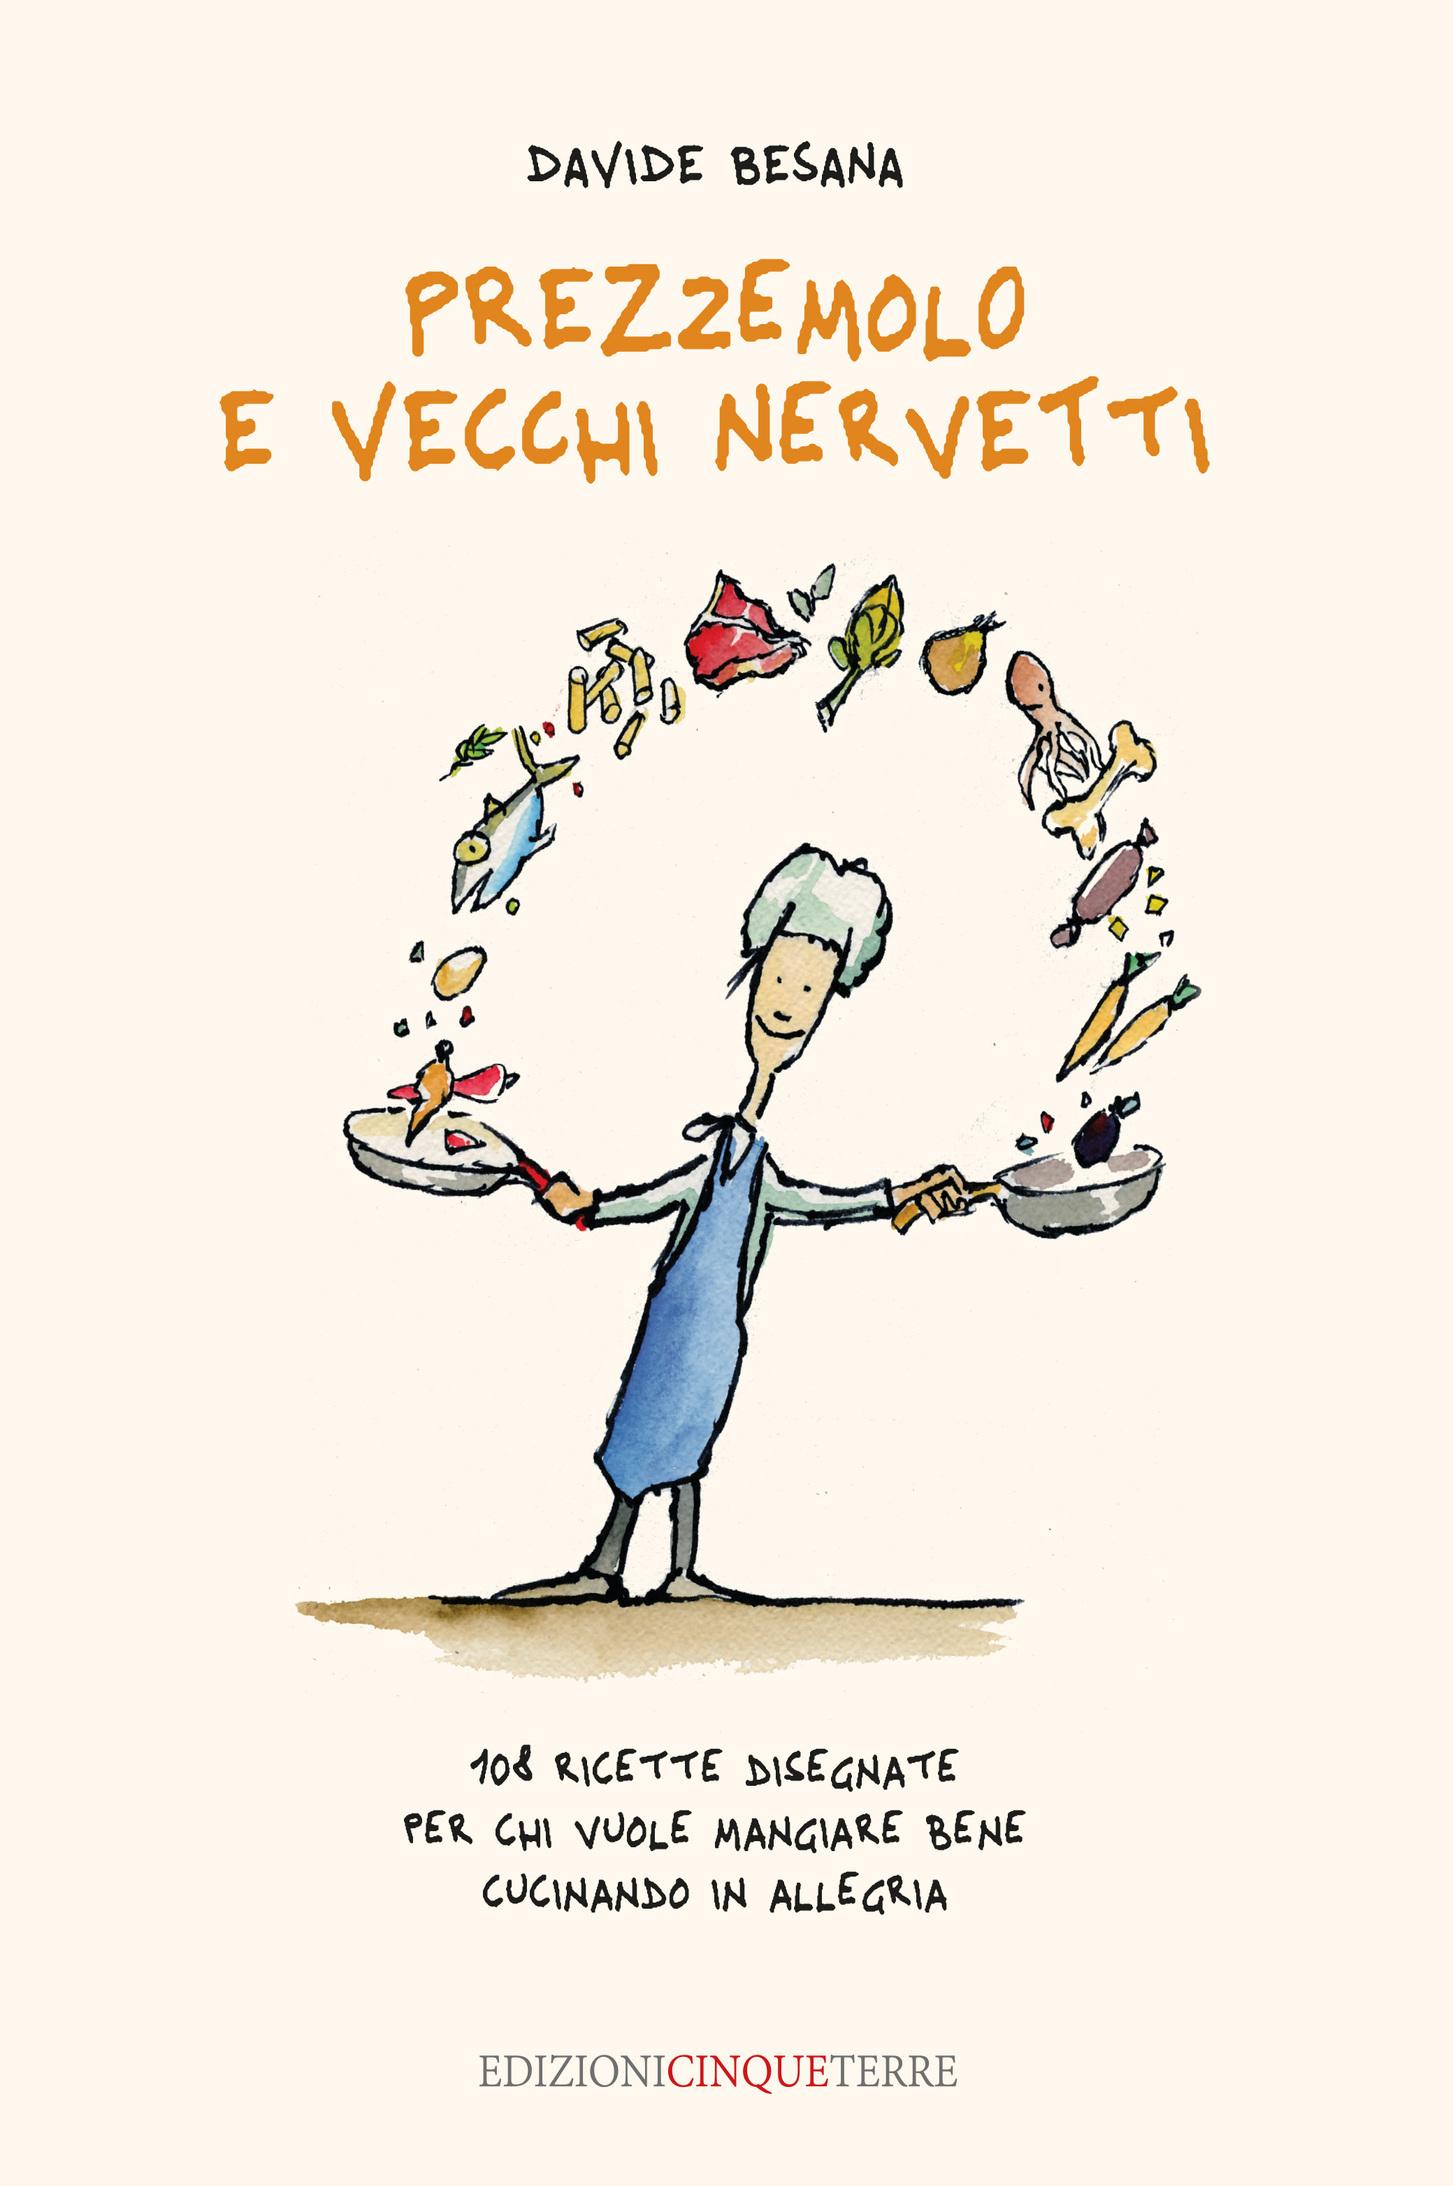 Besana_Prezzemolo e vecchi nervetti_cover_ fronte